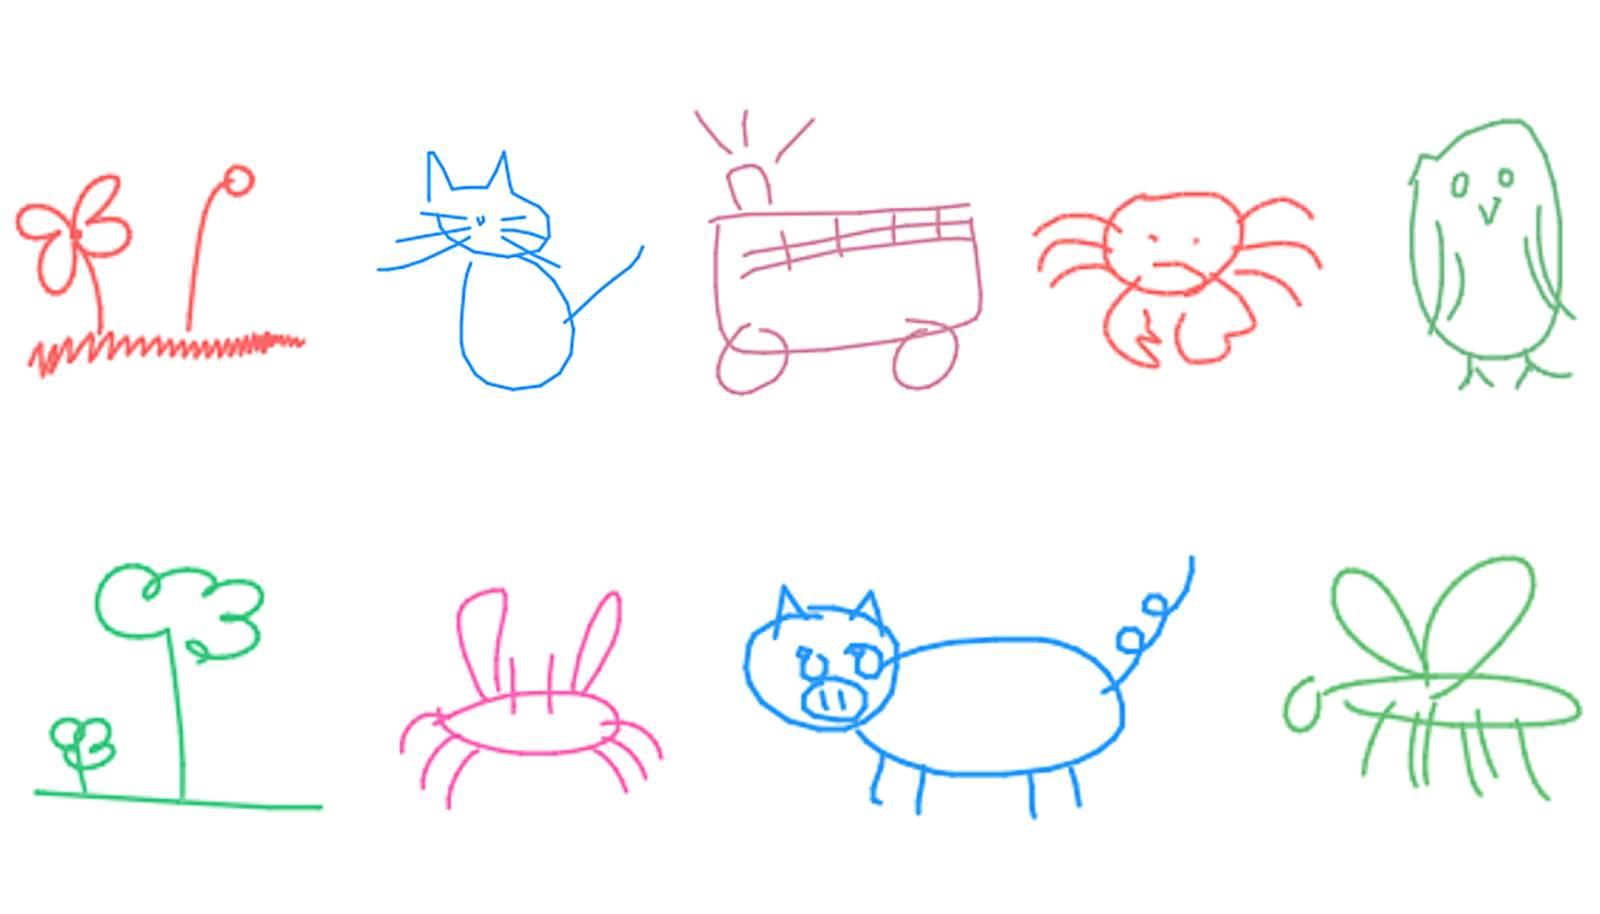 """怎样教机器学会画画和抽象""""算术""""? 谷歌大脑深度详解"""